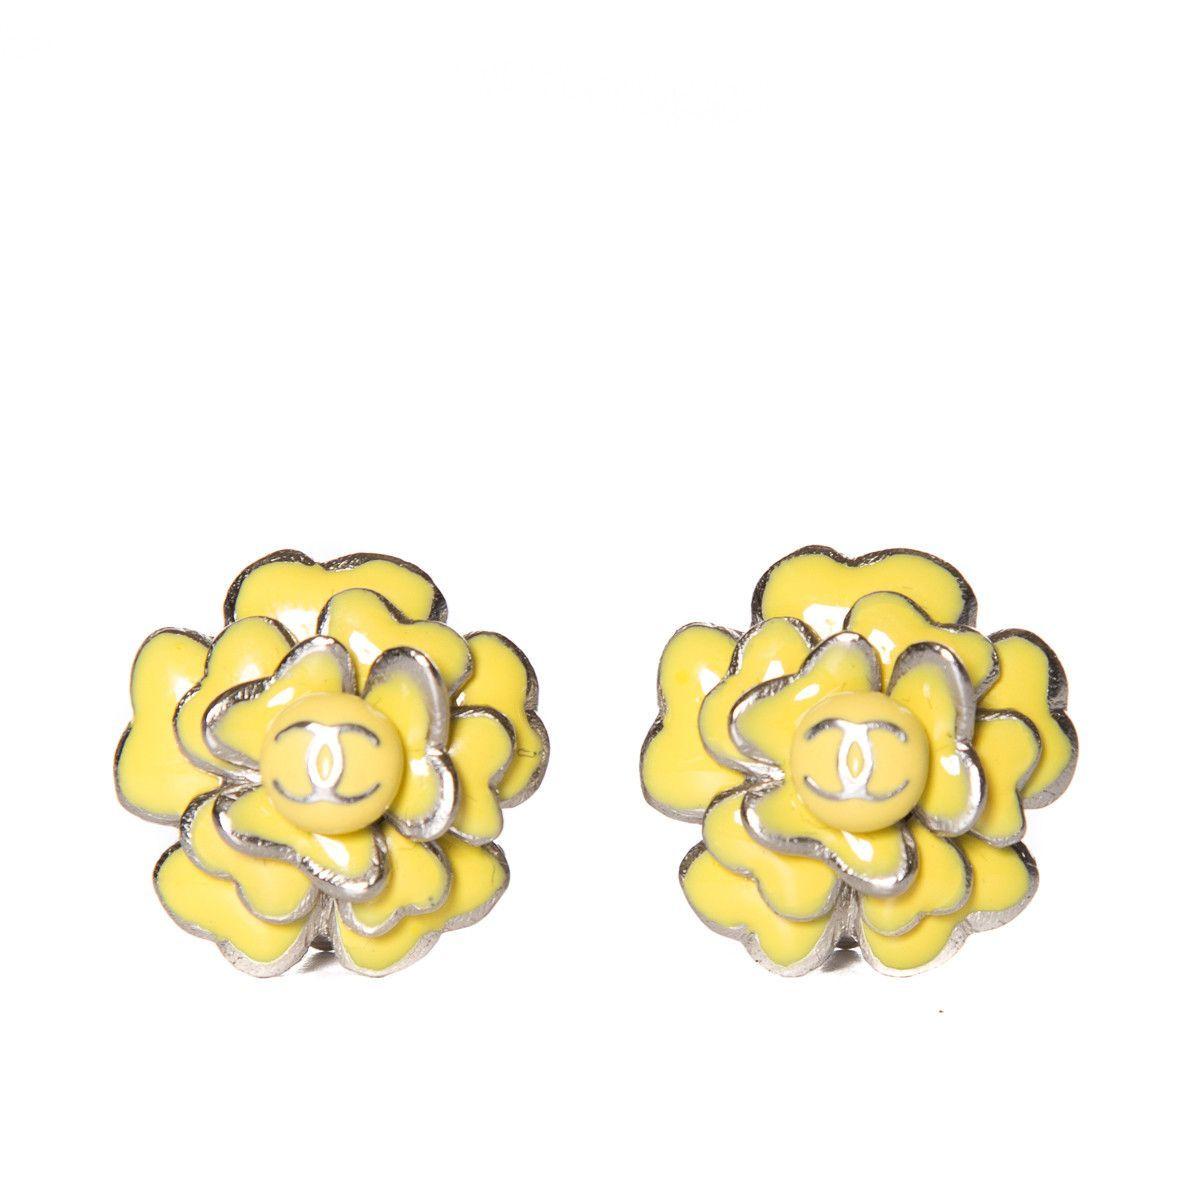 Chanel Yellow Camellia Flower Earrings Camellia Flower Flower Earrings Camellia